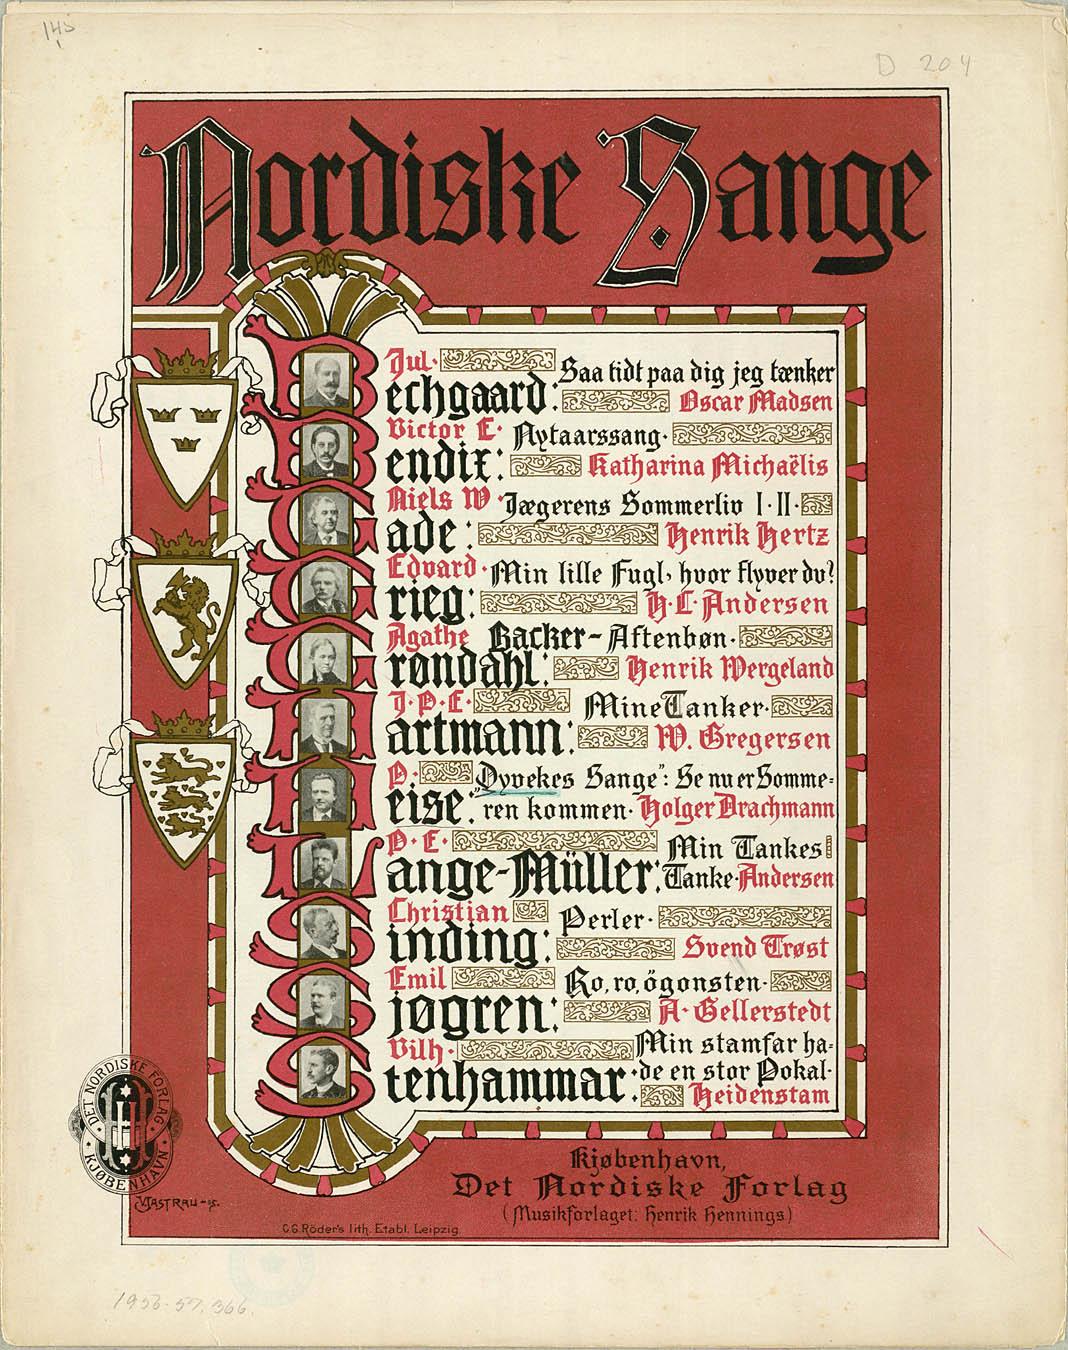 Den syvende af Heises Dyveke-sange udkom først i 1896 i dette samleværk, som dog også blev udgivet i enkelthæfter. Med venlig tilladelse fra Edition Wilhelm Hansen. Klik for større billede.